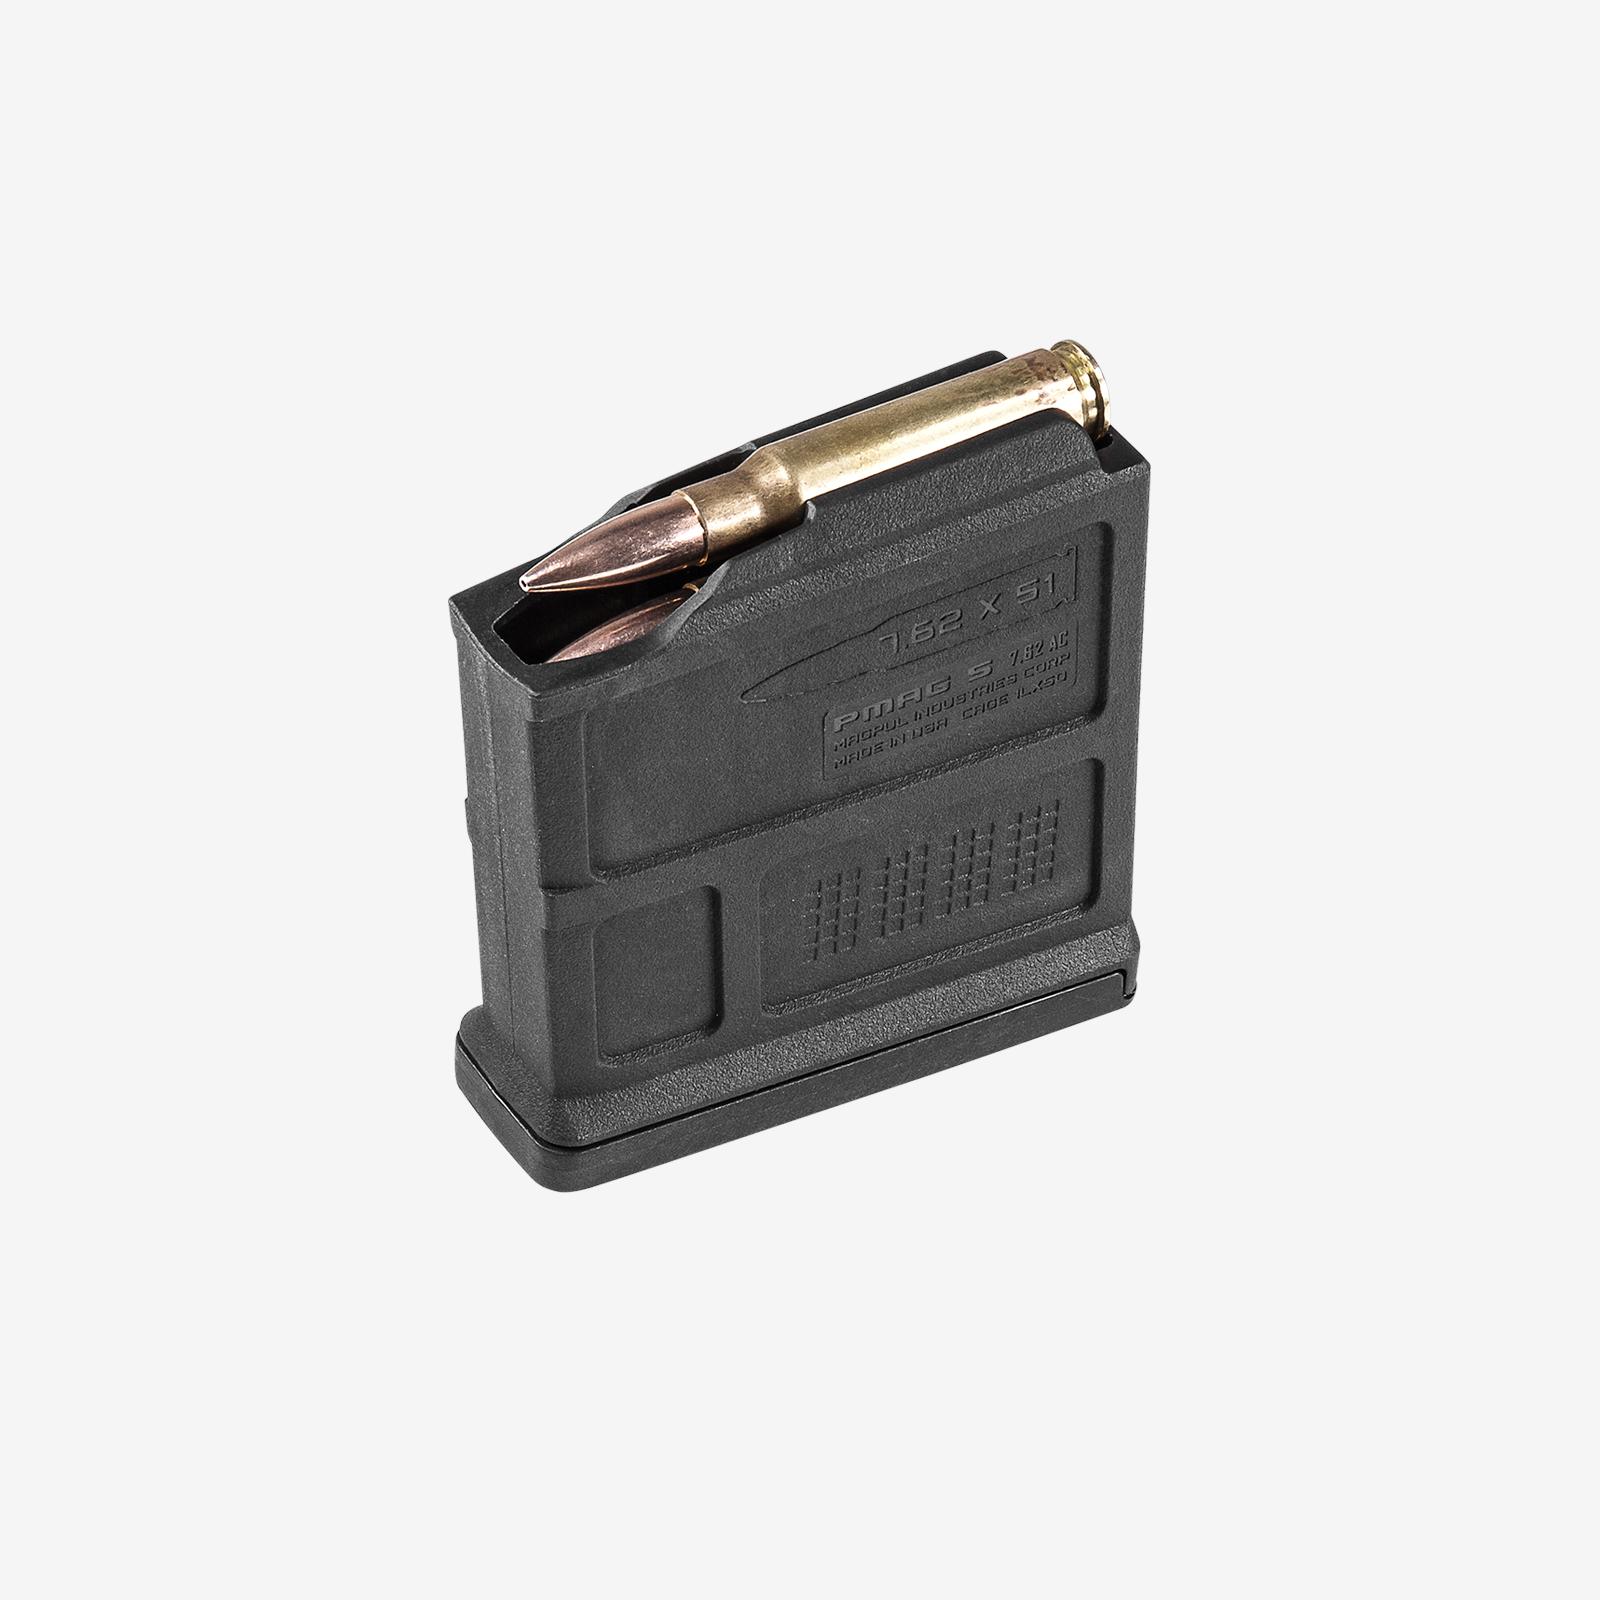 Магазин  PMAG® 5 AC 7,62x51mm Nato